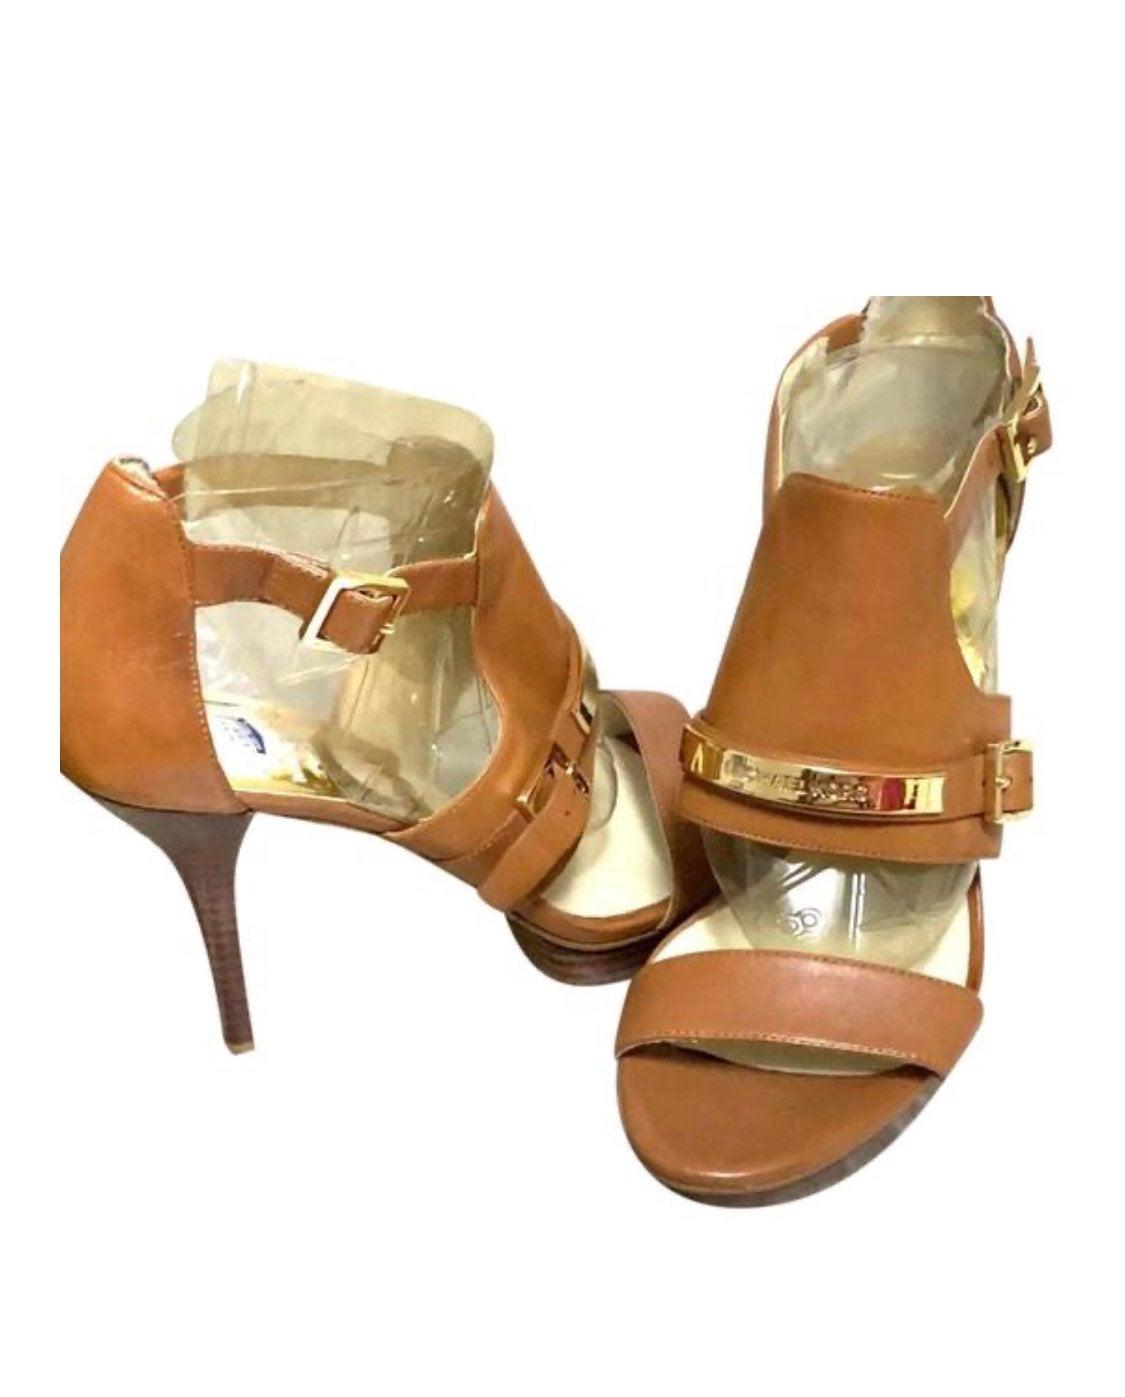 Michael Kors Luggage Signature Heels